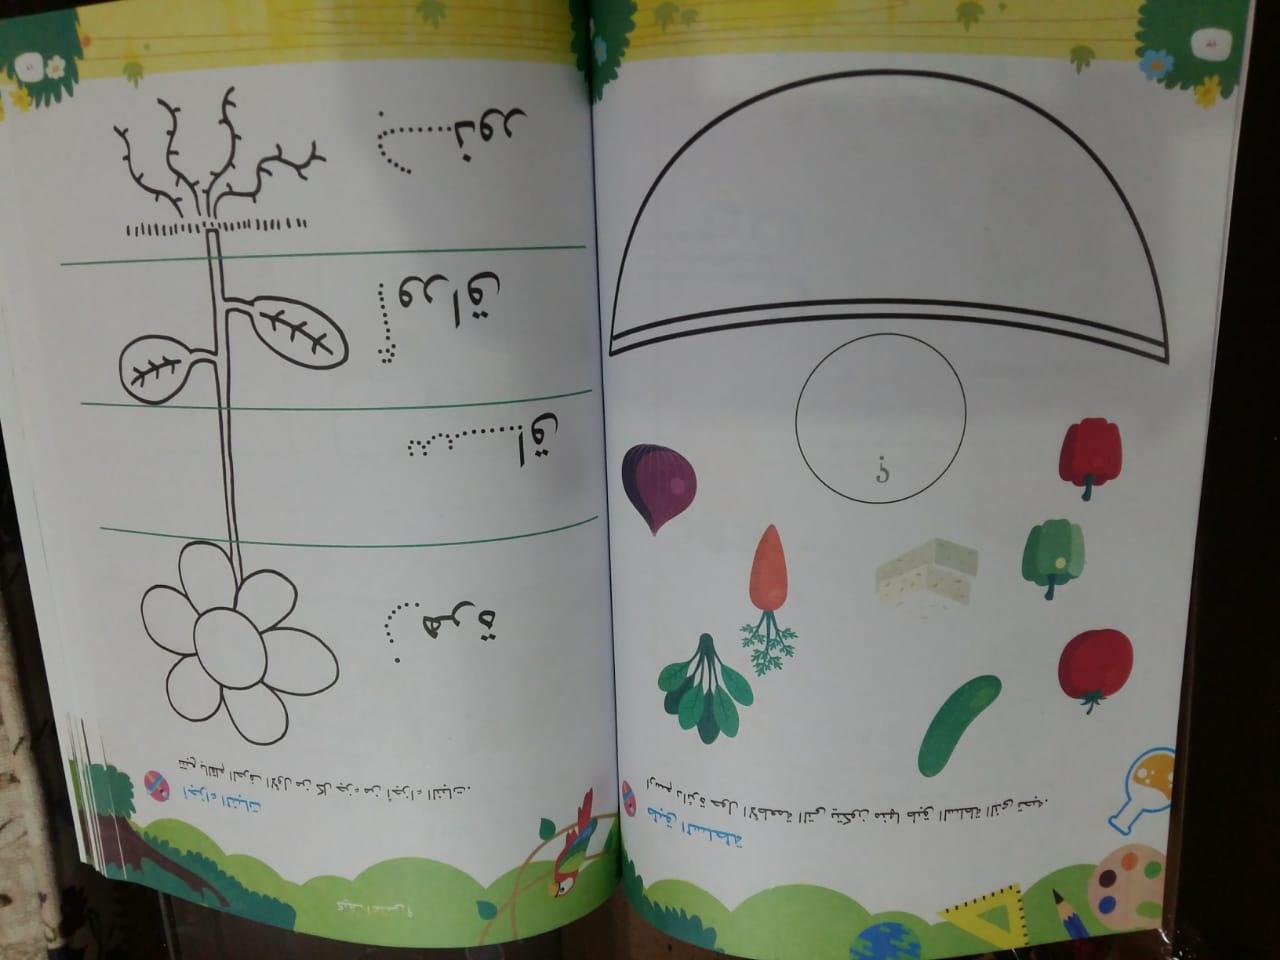 منهج رياض الأطفال الجديد (22)